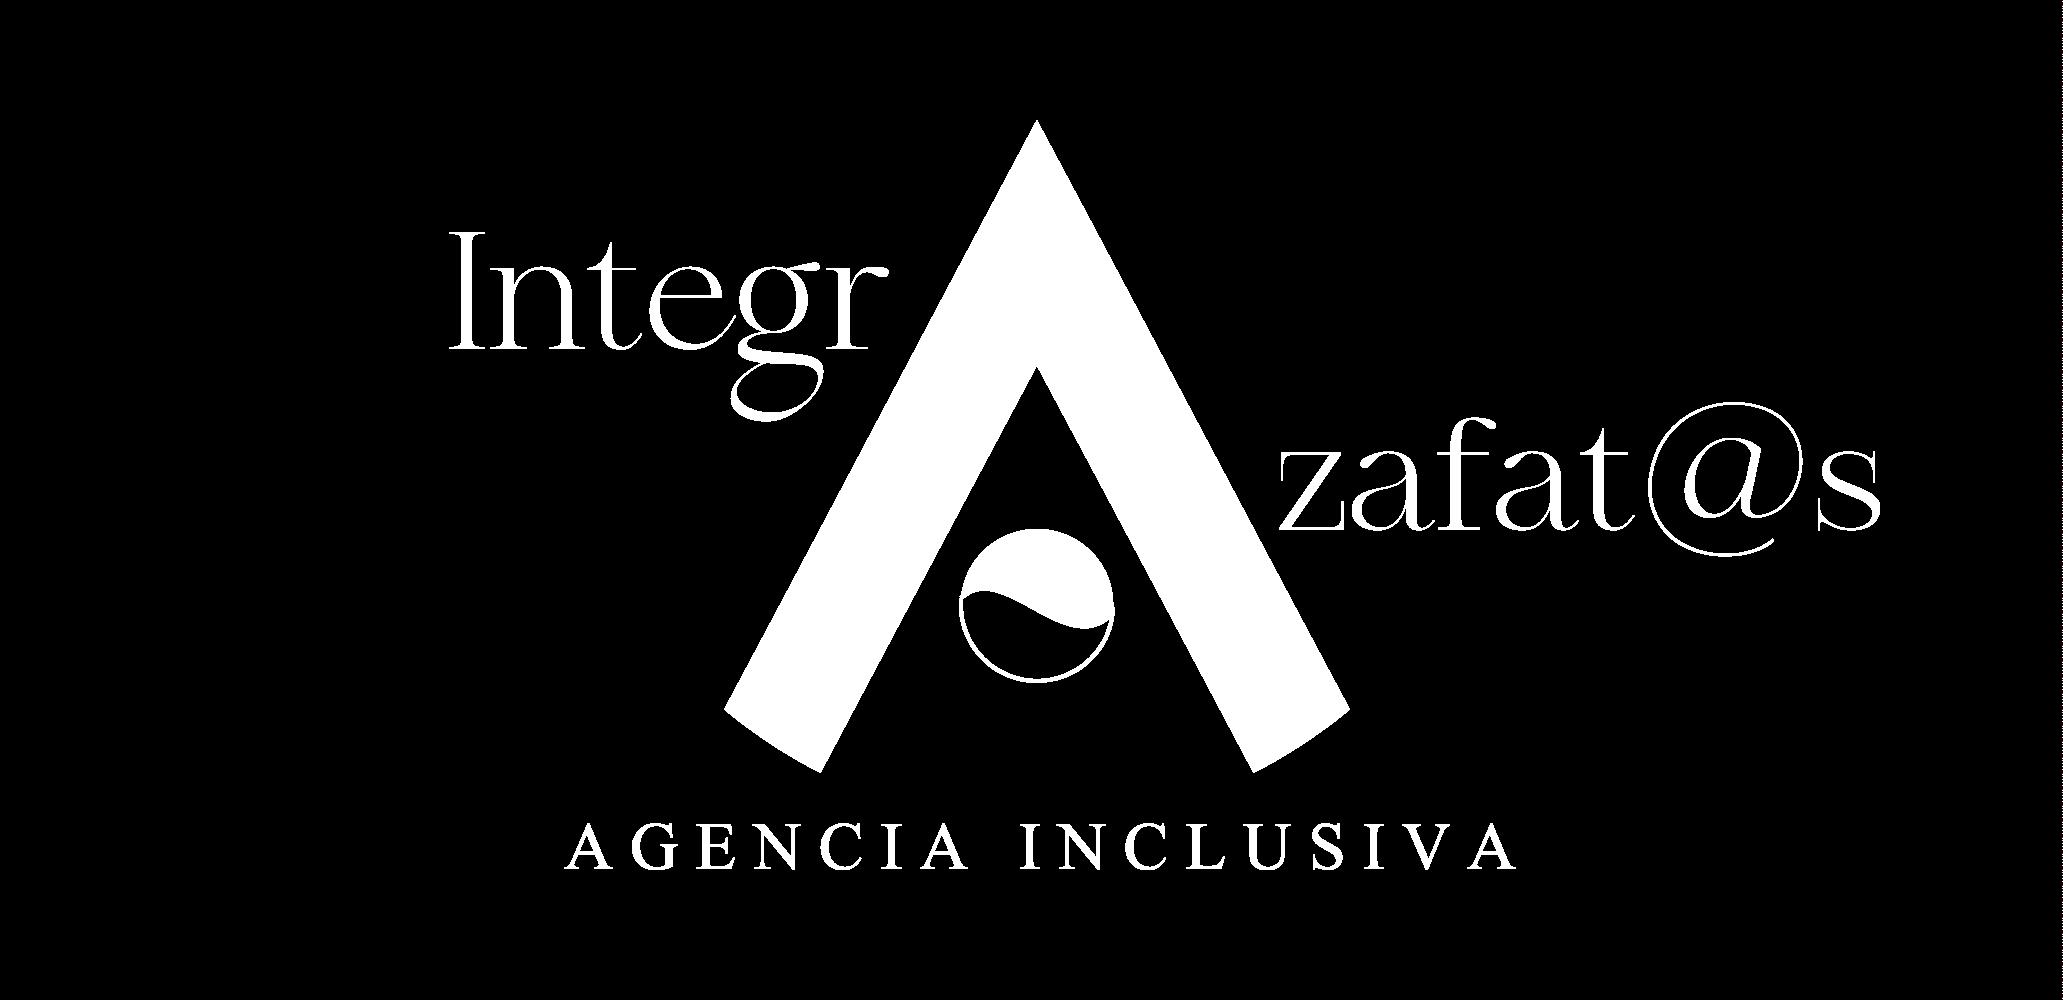 Integra Azafat@s